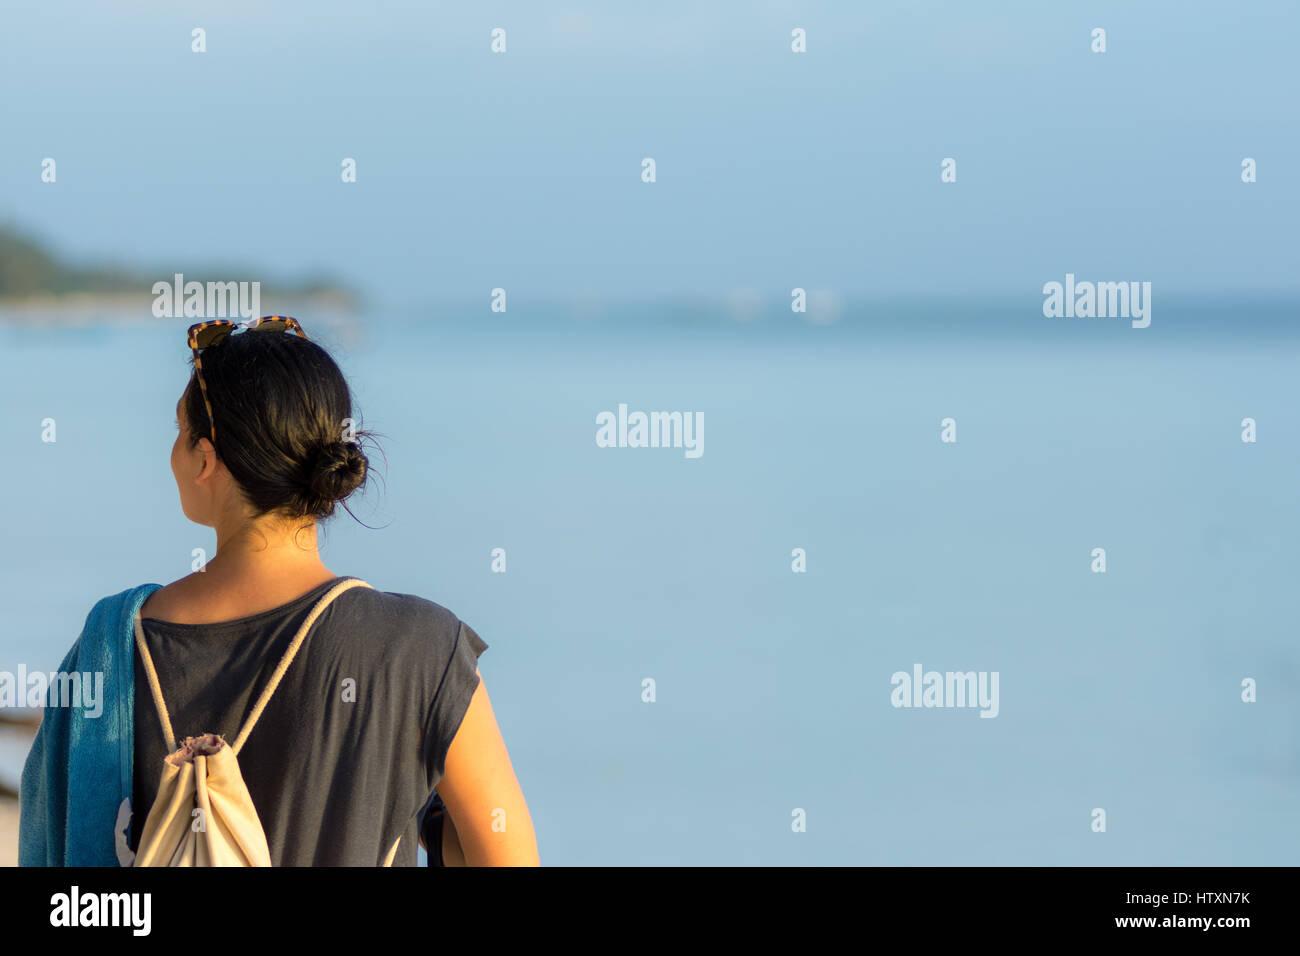 Junge schwarze behaarte Frau auf der Suche nach oben und unten am Strand mit Handtuch und Rucksack. Stockbild